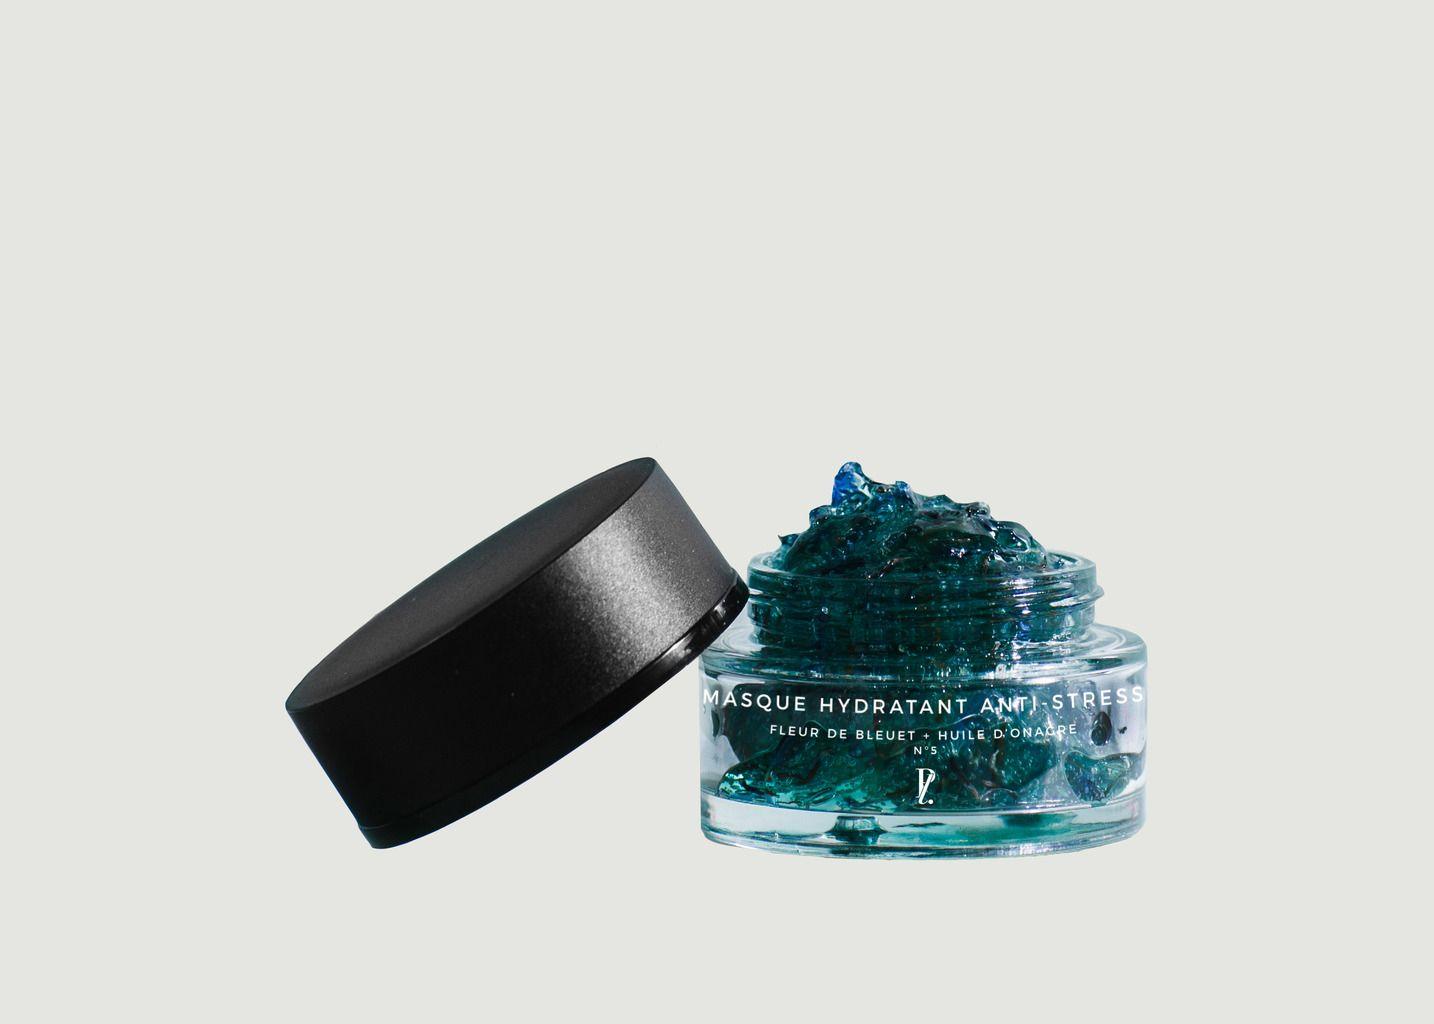 Masque Hydratant Anti-stress Fleur de Bleuet + Huile d'Onagre - Prescription Lab